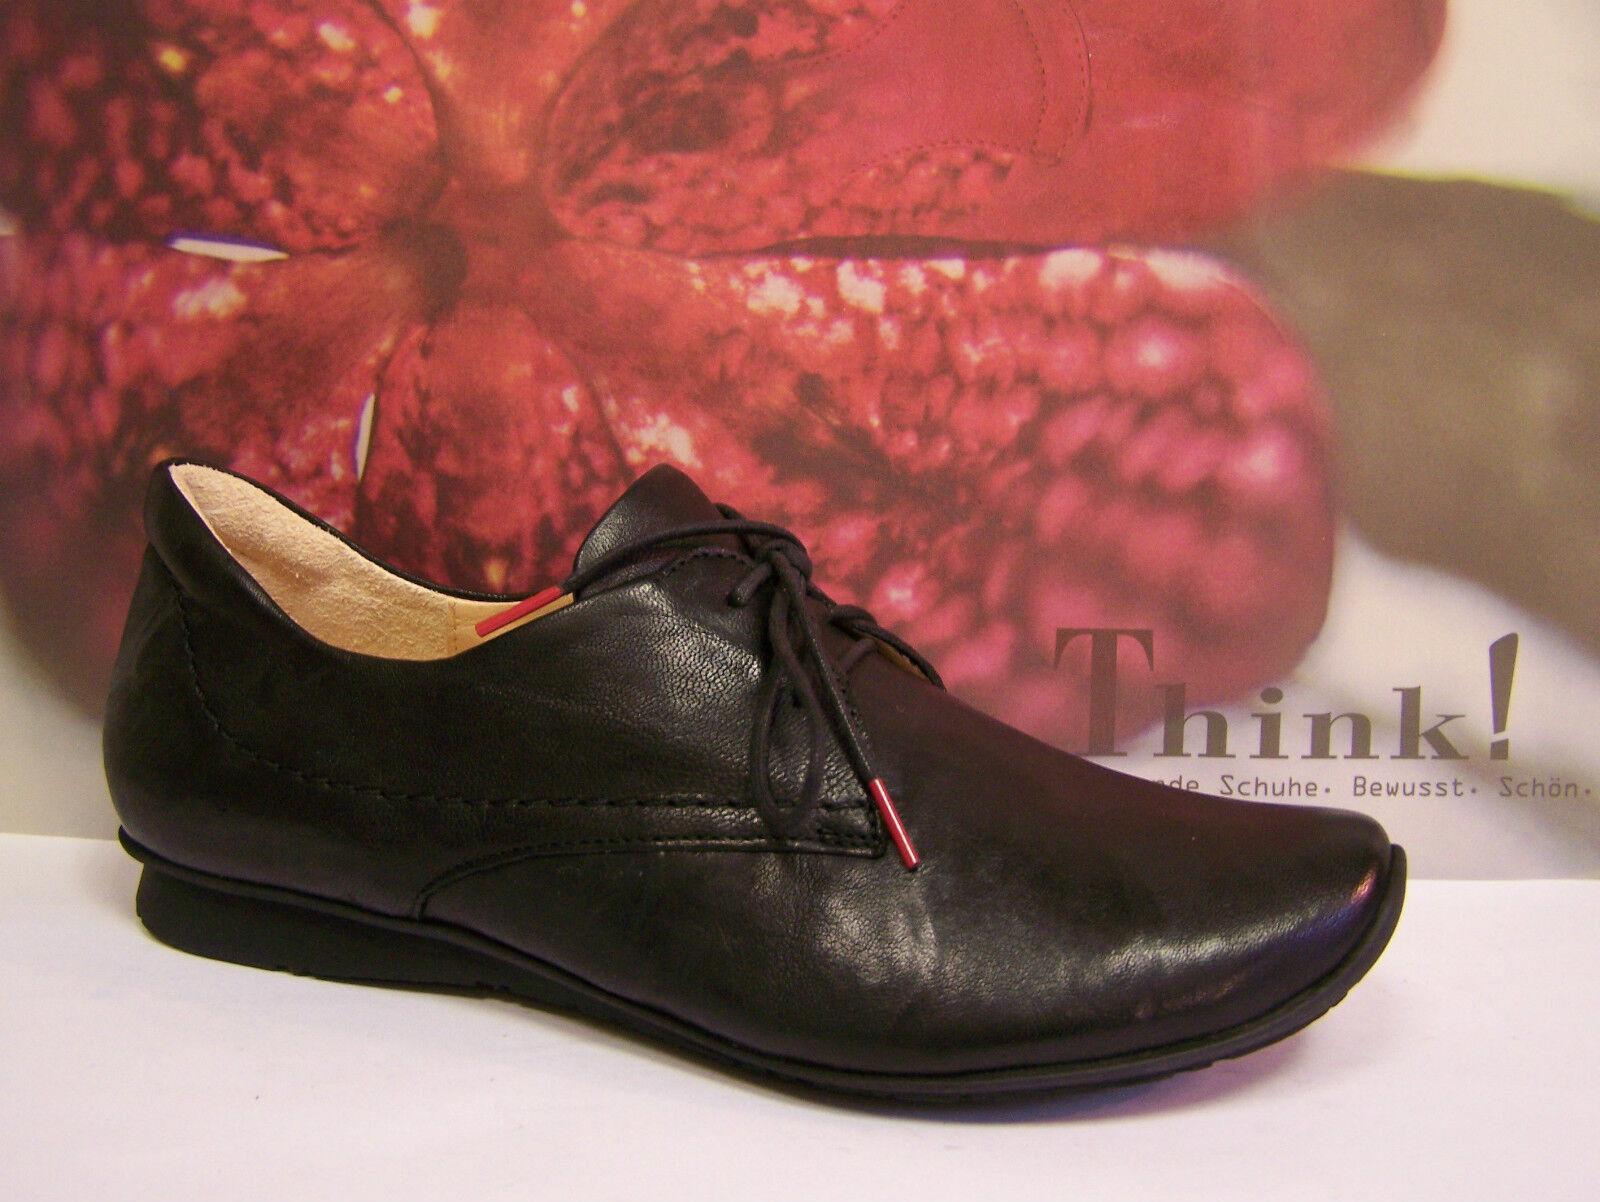 Think  aktueller Schuh schwarz Modell Chilli aktueller  Schnürer mit Umweltzeichen 315c2f